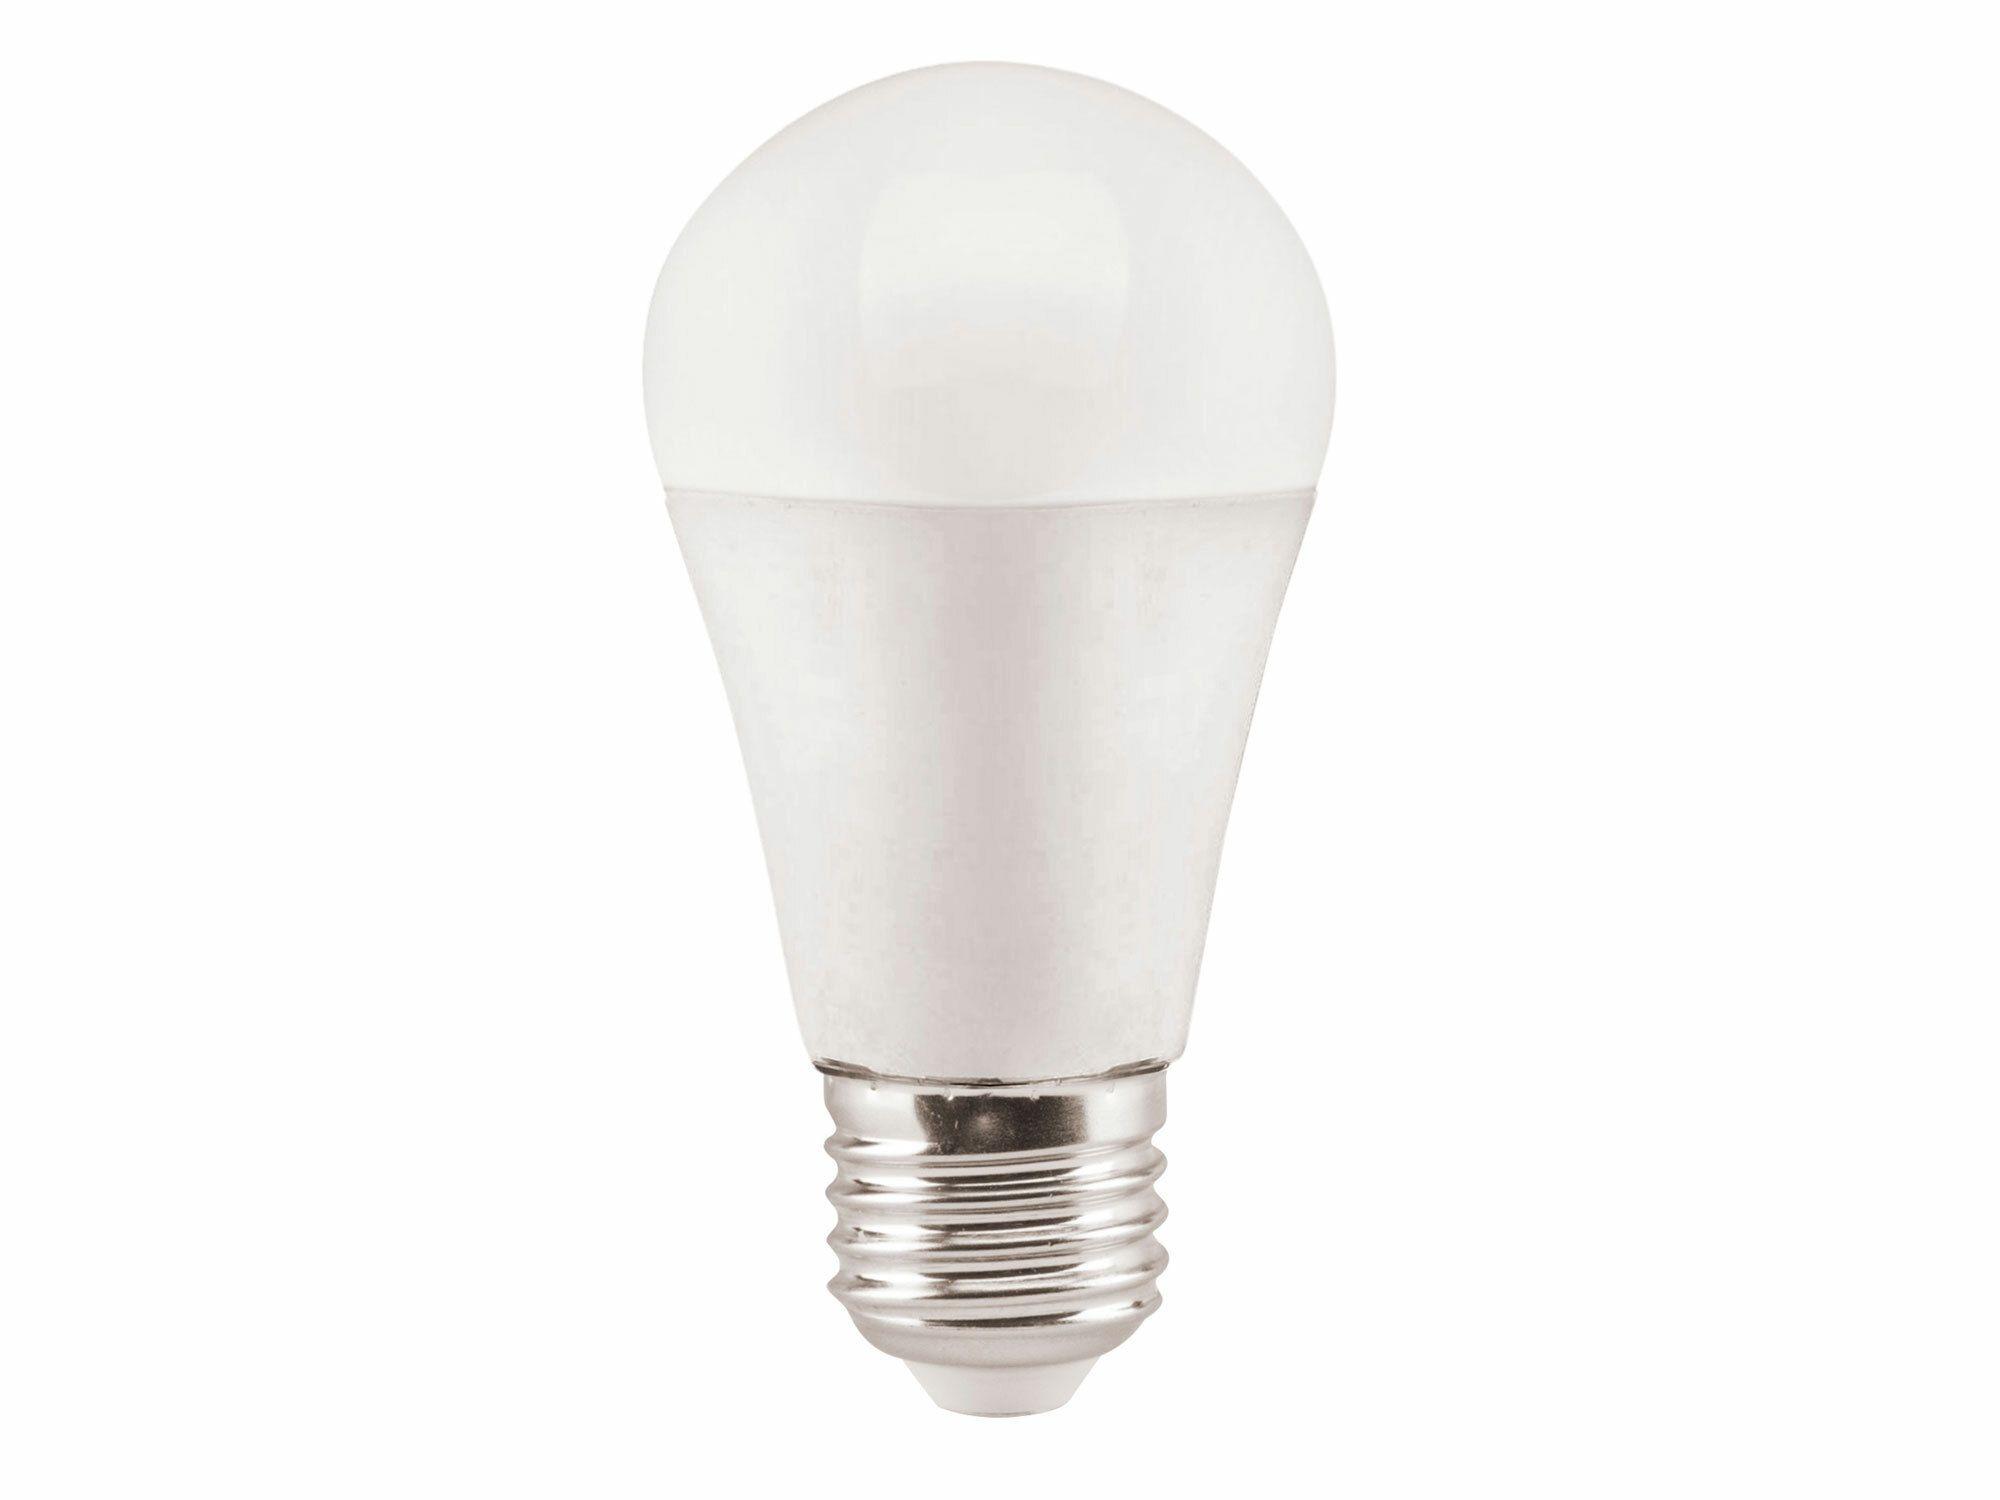 Žárovka LED klasická, 15W, 1350lm, E27, teplá bílá EXTOL-LIGHT